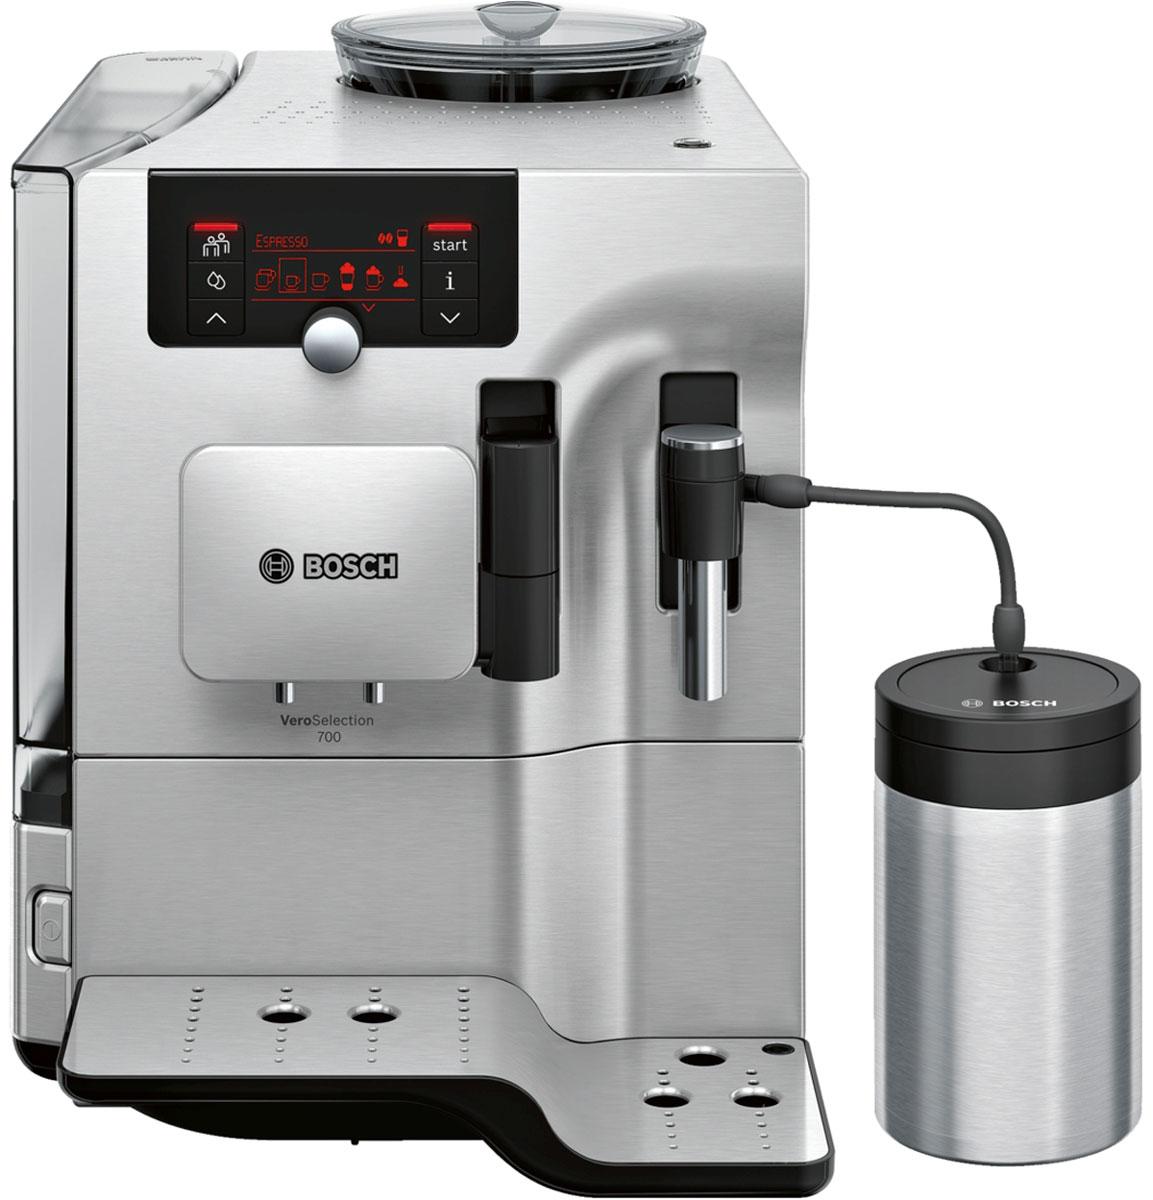 Bosch TES80721RW, Silver кофемашинаTES80721RWНовые вершины вкуса и аромата кофе - профессиональный подход к приготовлению кофе. Инновационный проточный нагреватель Intelligent Heater inside: правильная температура заваривания кофе и полноценный аромат благодаря технологии SensoFlowSystem. Большой выбор напитков и комфорт при приготовлении. Функция OneTouch для приготовления кофейных напитков одним нажатием кнопки и PersonalCoffee Pro для сохранения индивидуальных настроек. Насыщенный аромат: приготовление очень крепкого кофе благодаря функции AromaDouble Shot и системе регулирования насыщенности напитка благодаря функции AromaIntense. Для тех, кто ценит особый комфорт: содержит CreamCleaner, или систему очистки каналов подачи после приготовления напитков с молоком , функцию подогрева чашек, отдельный контейнер для молока и функцию подсветки чашек.